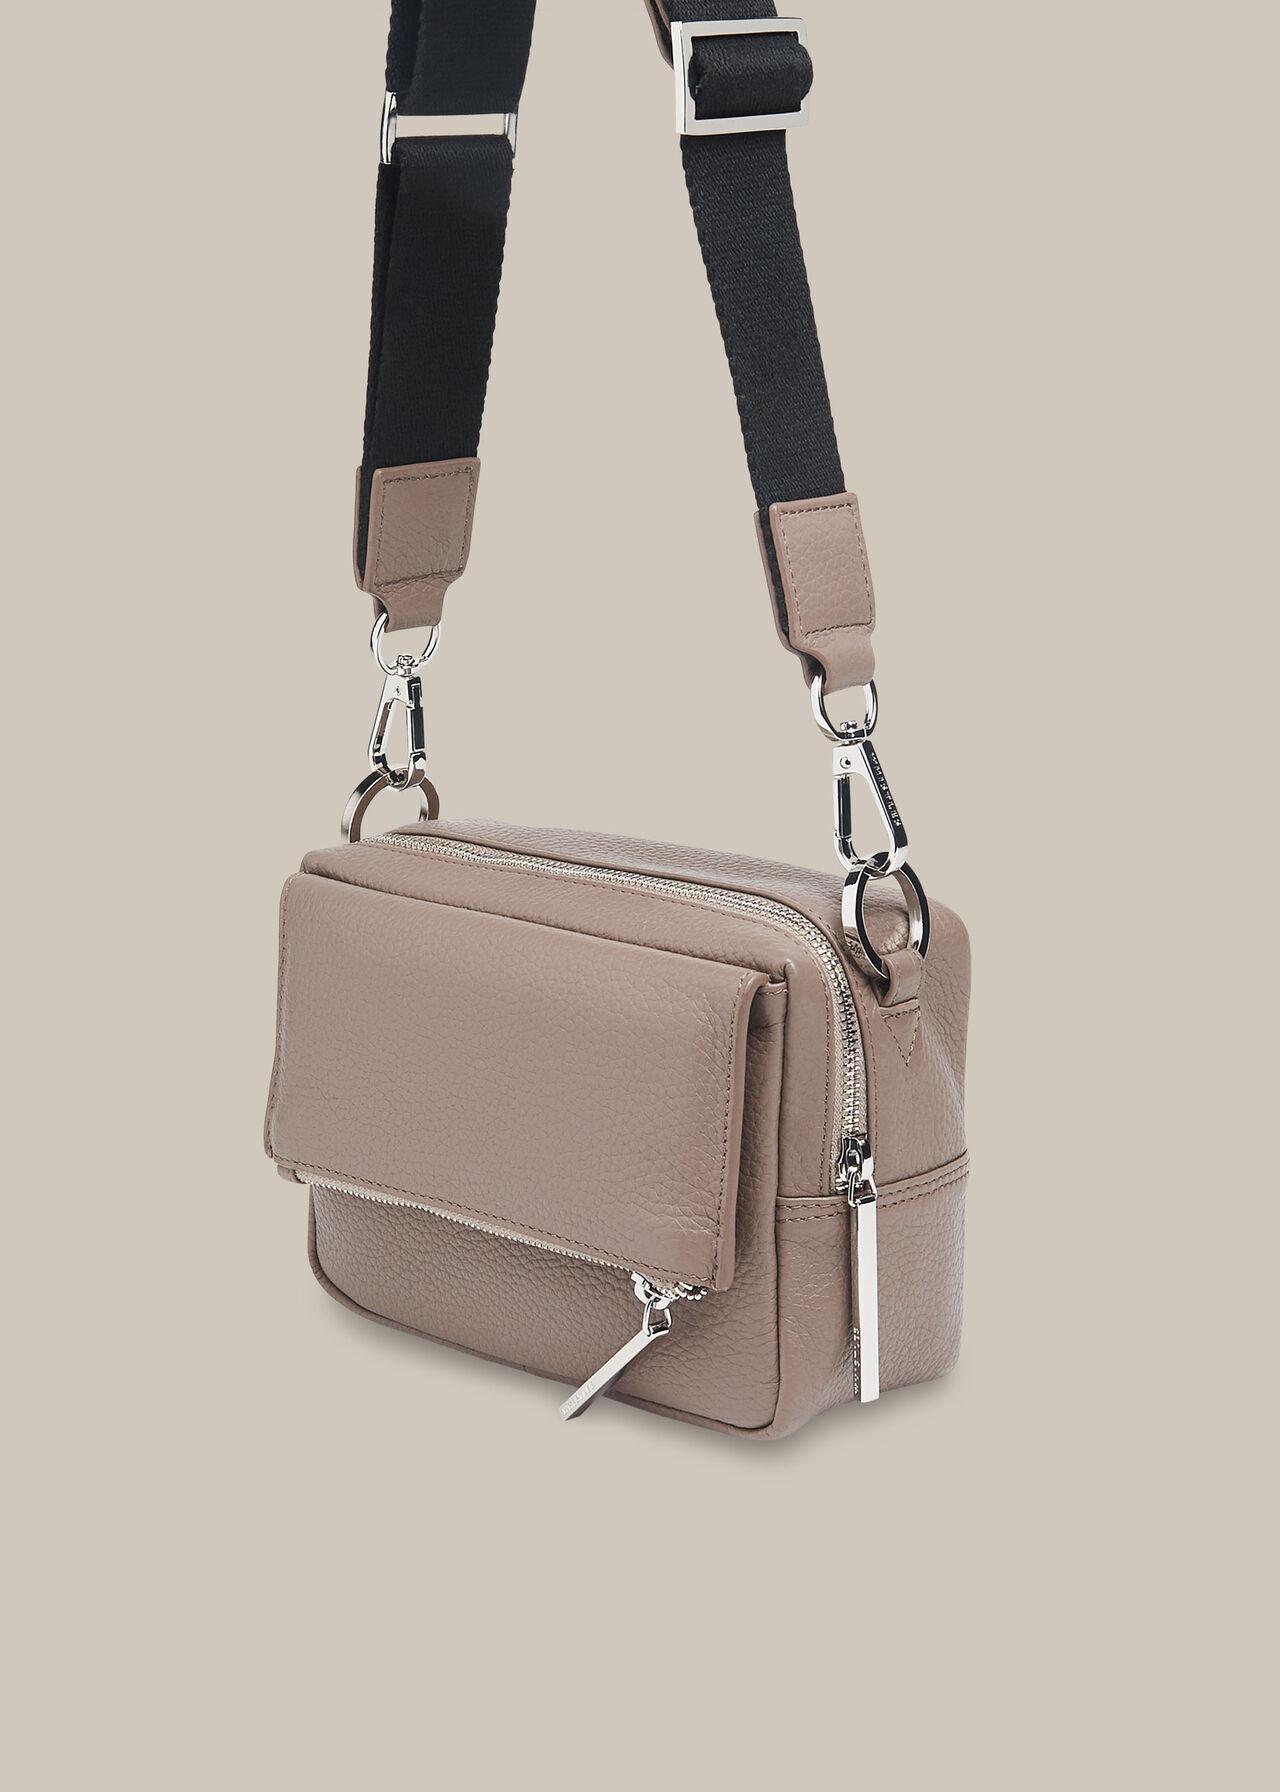 Bibi Crossbody Bag Dark Grey